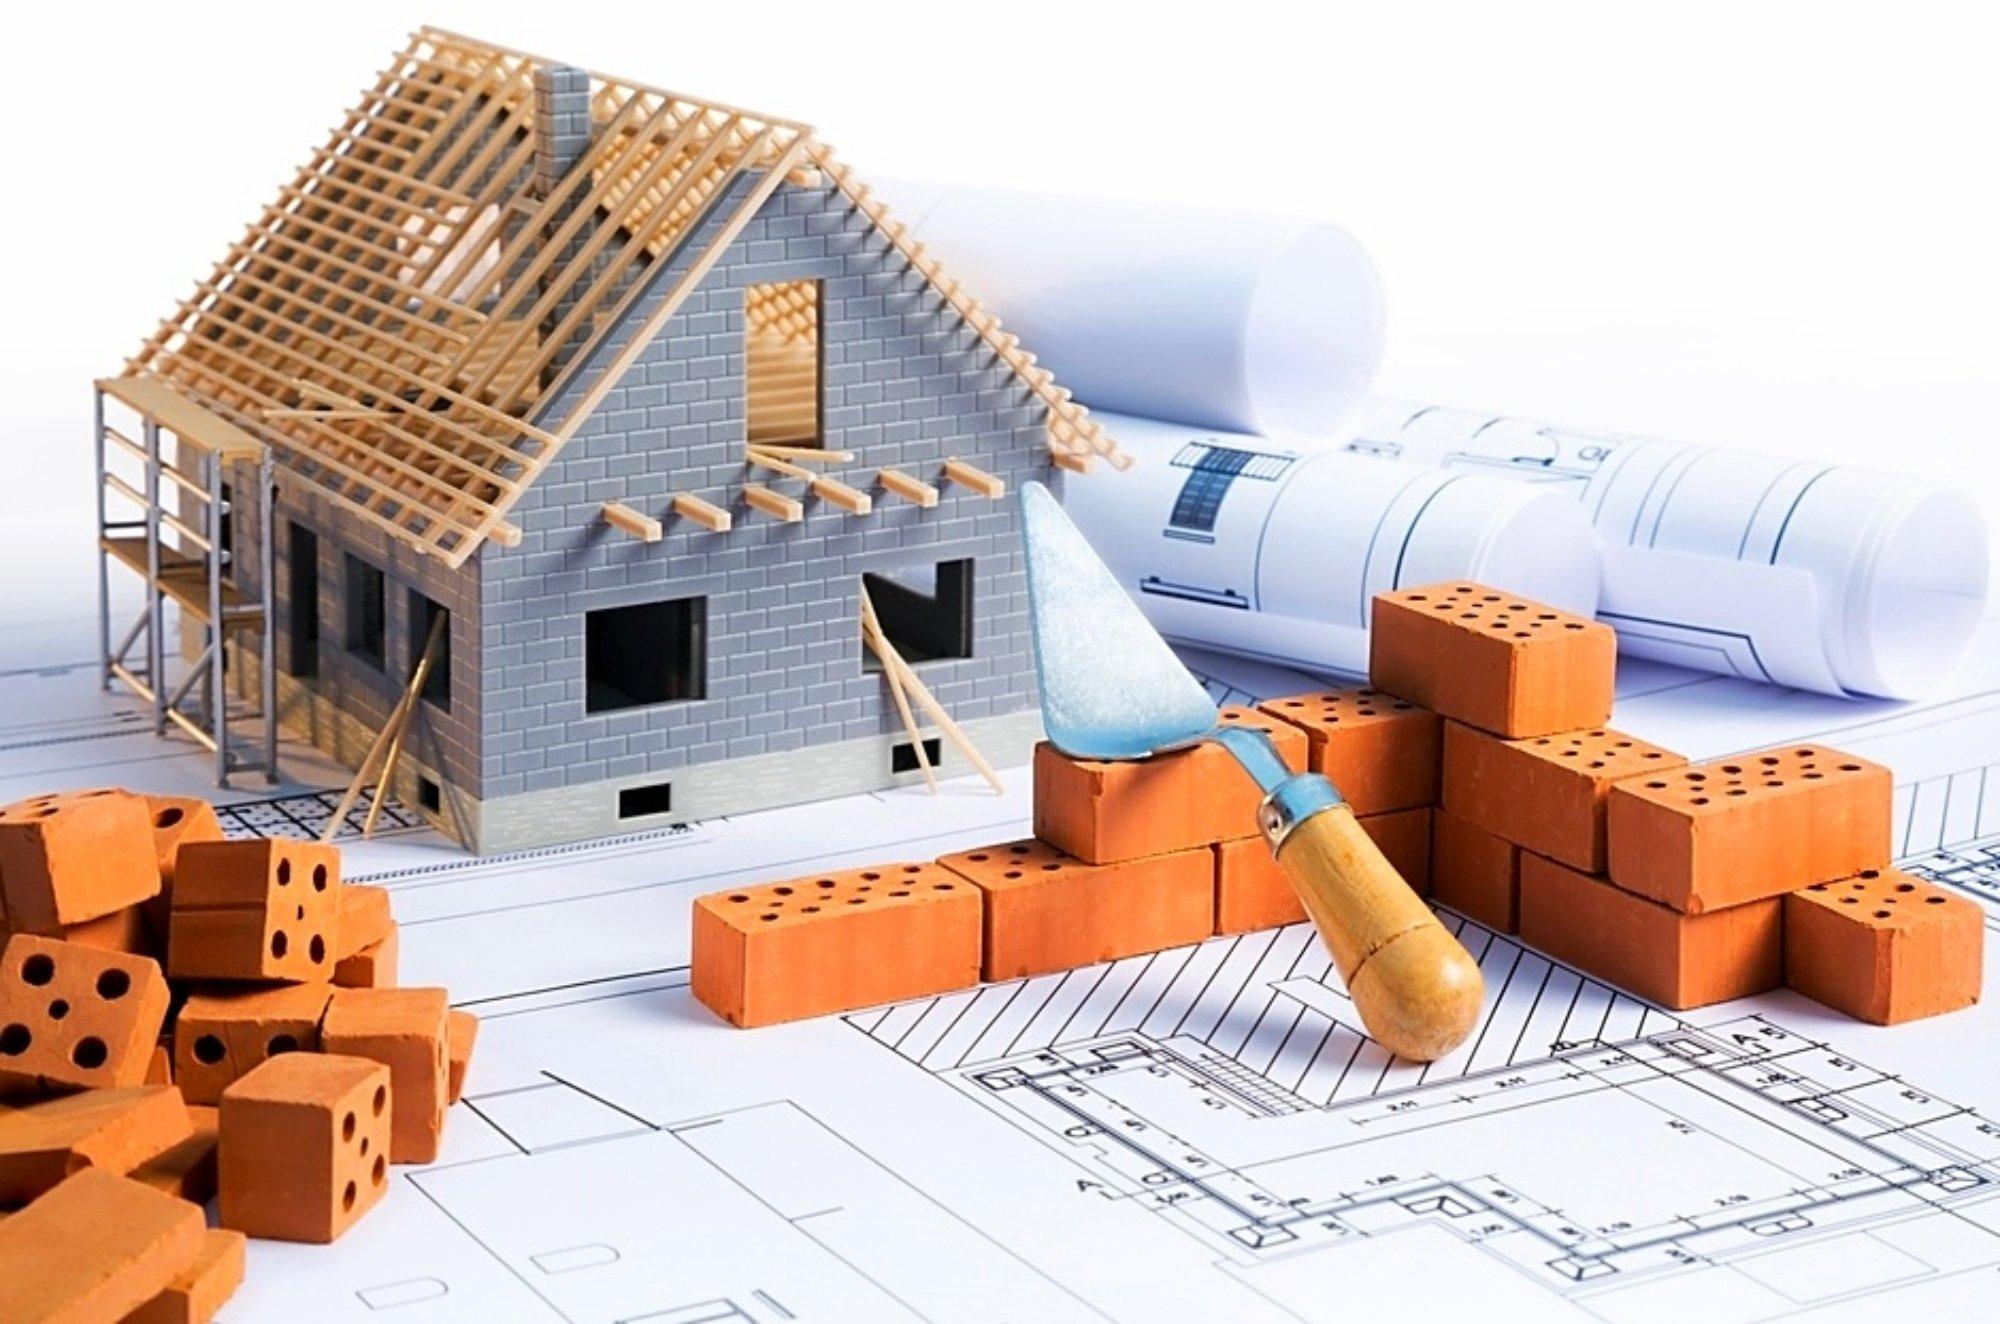 Poistite si budúcnosť vášho domu správnym výberom stavebnej firmy